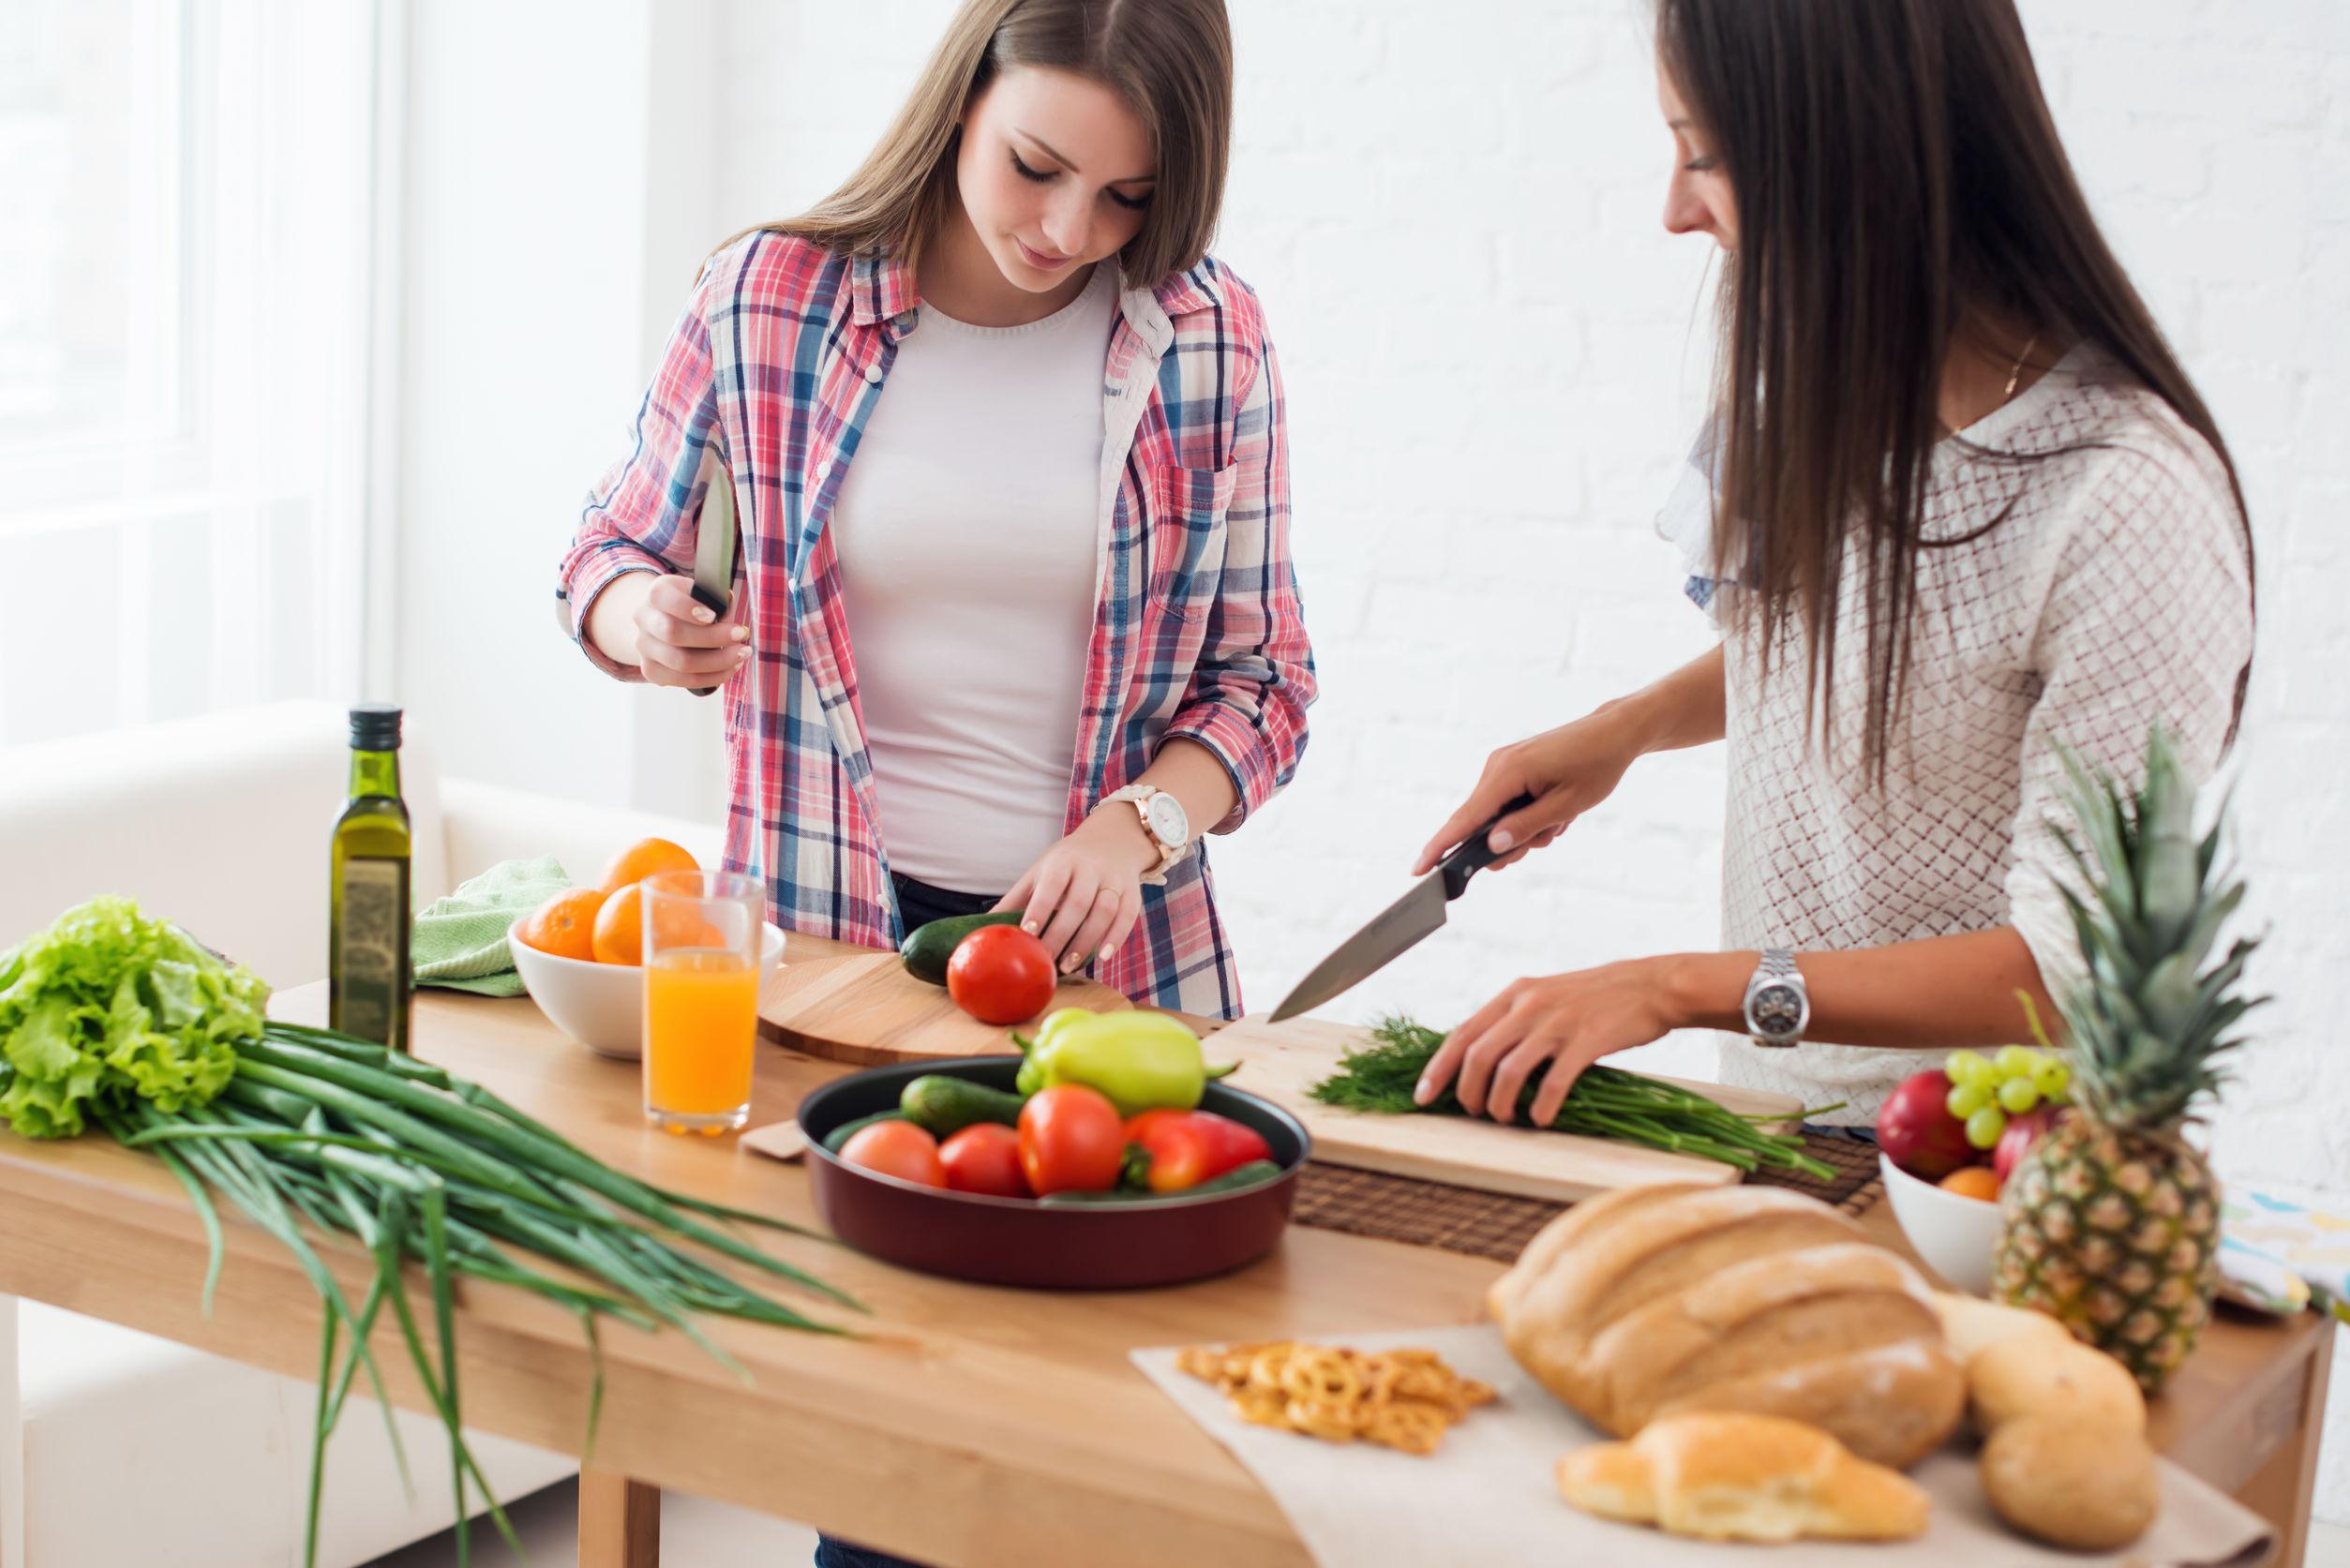 太らない体質栄養バランス